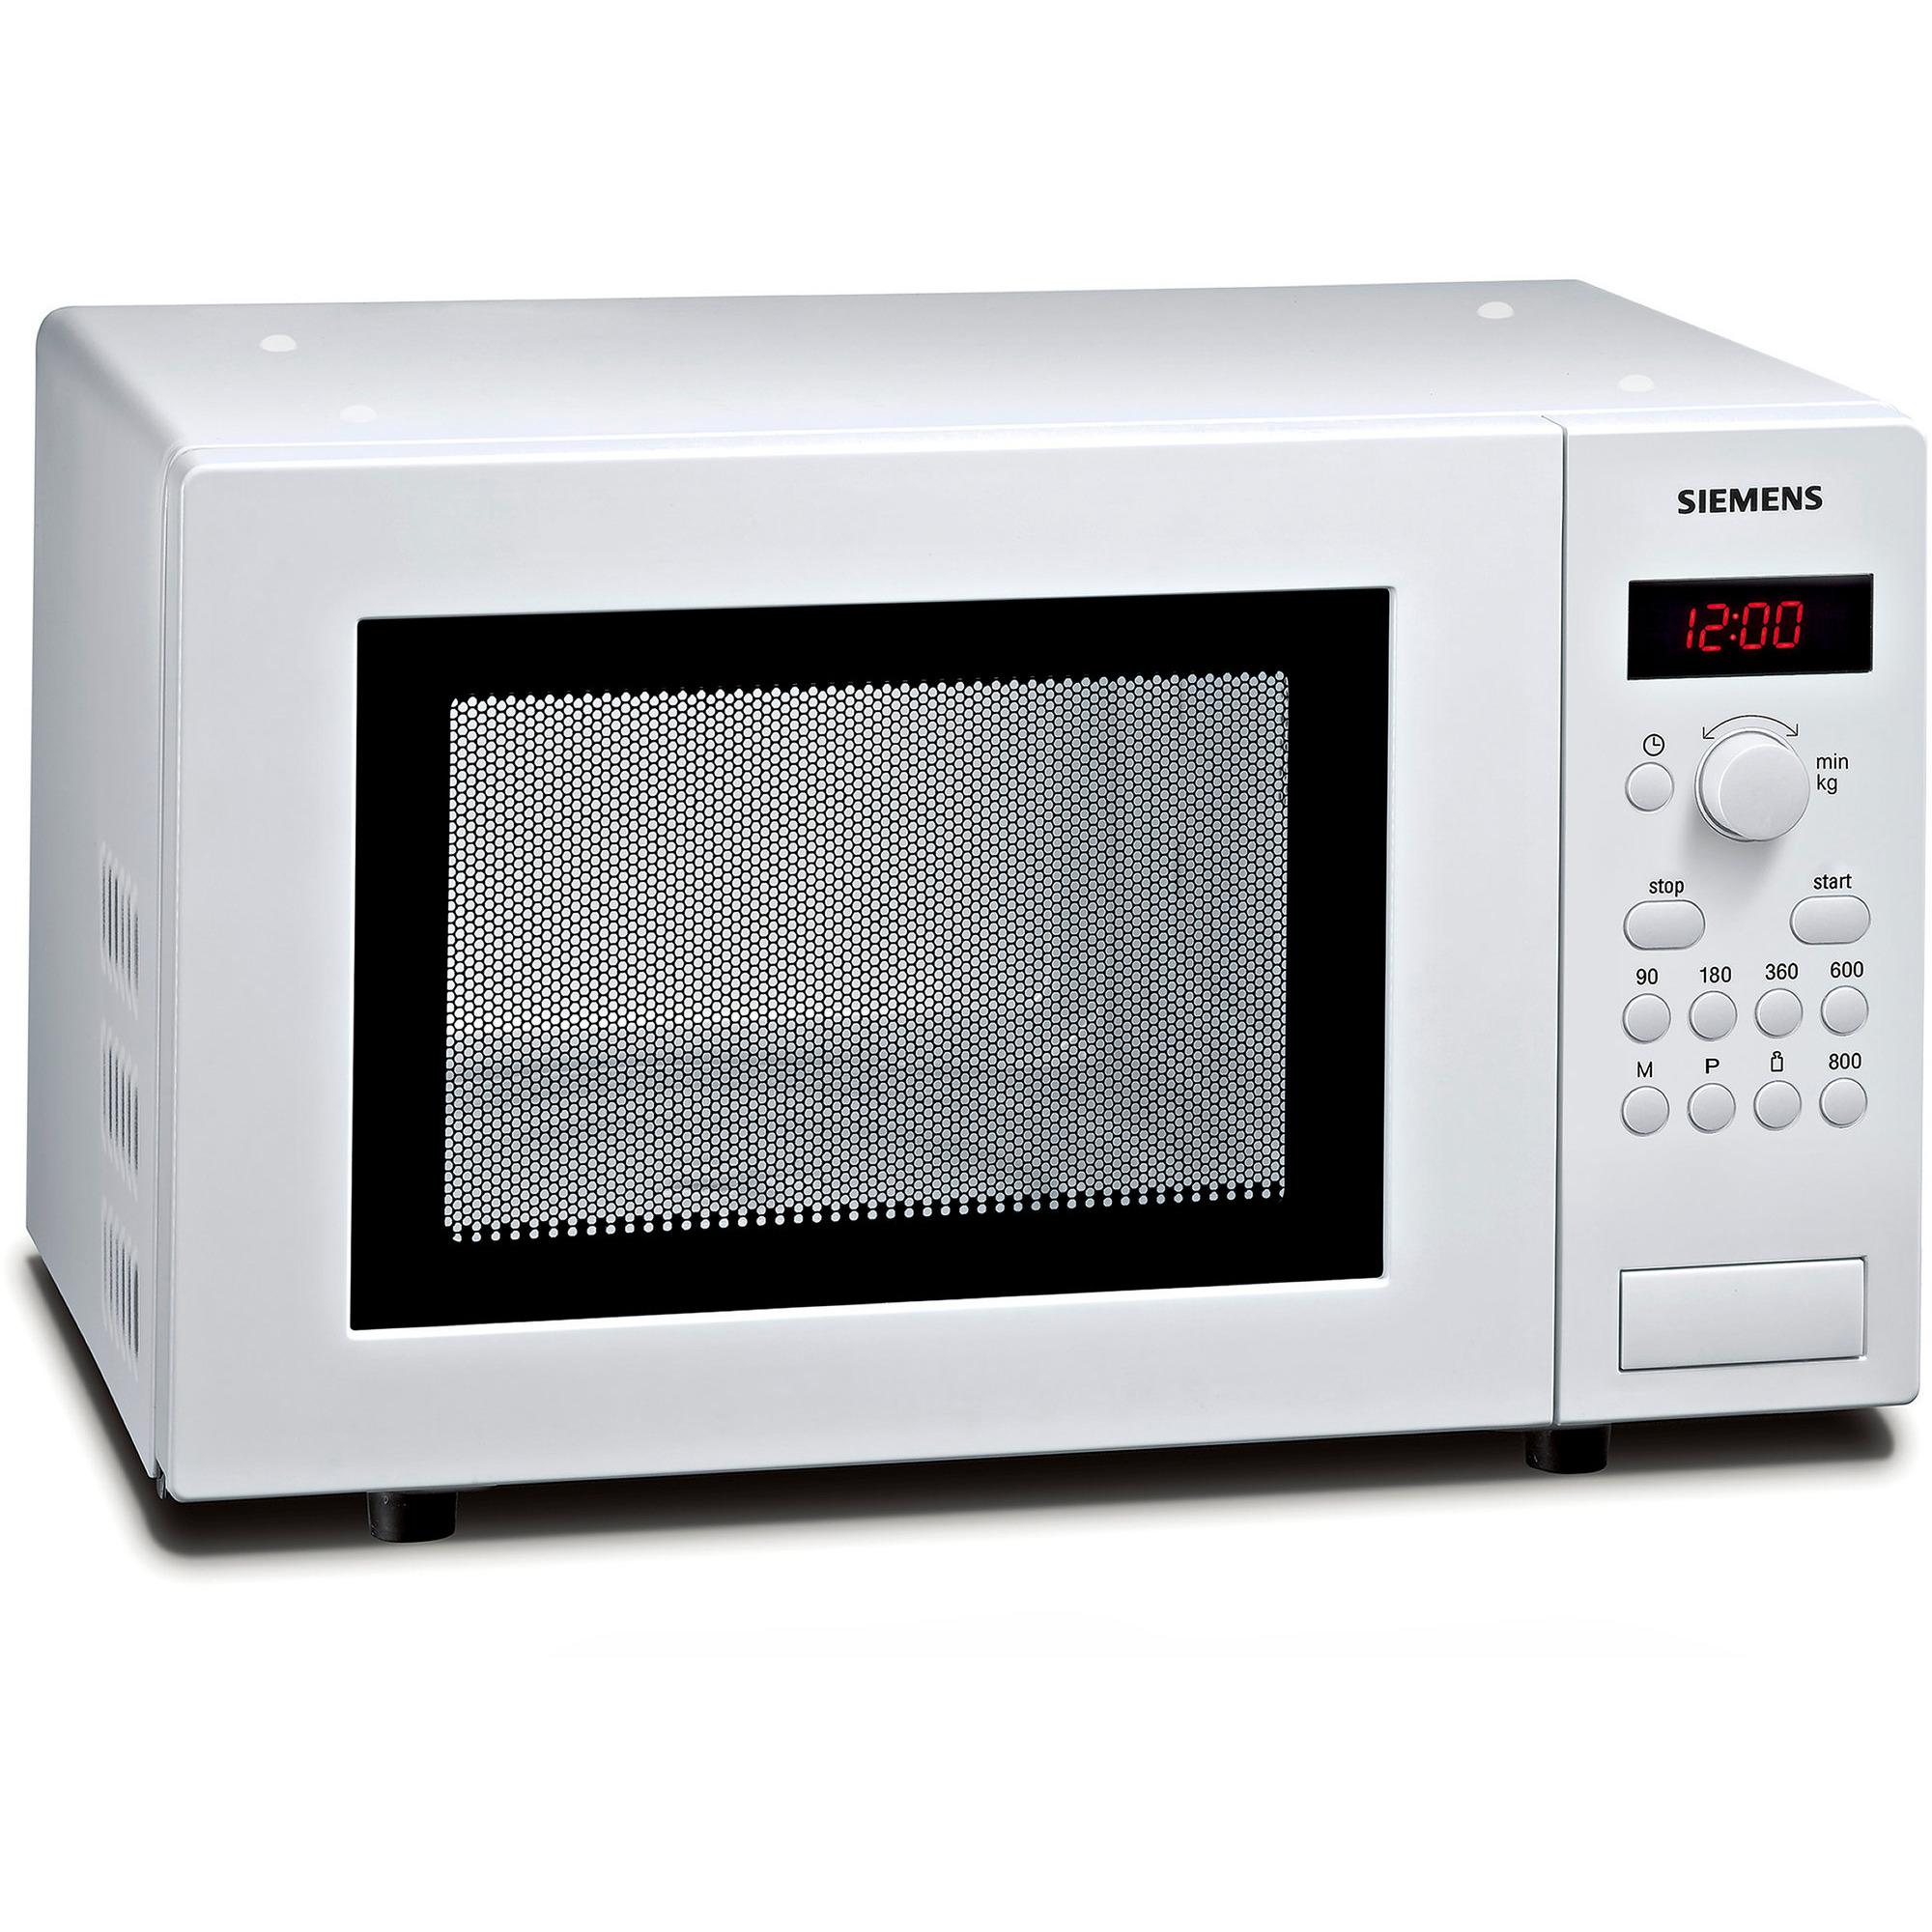 Siemens iQ100 Fristående mikrovågsugn 17L